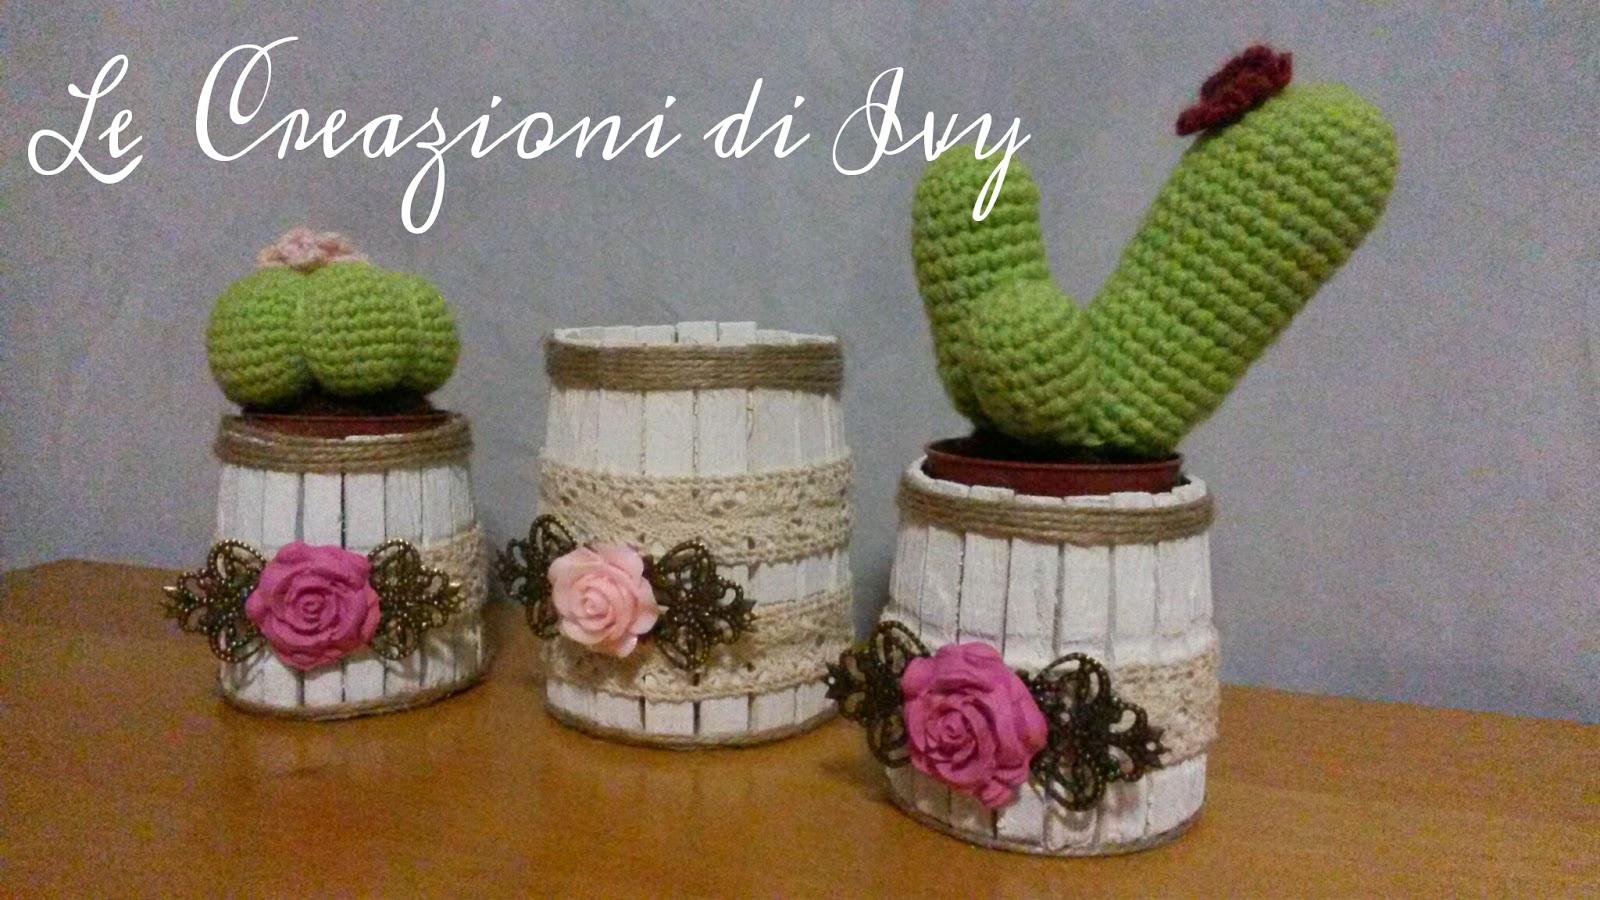 Le creazioni di ivy qualche idea per riciclare o rinnovare gli oggetti che abbiamo in casa - Riciclare tutto in casa ...